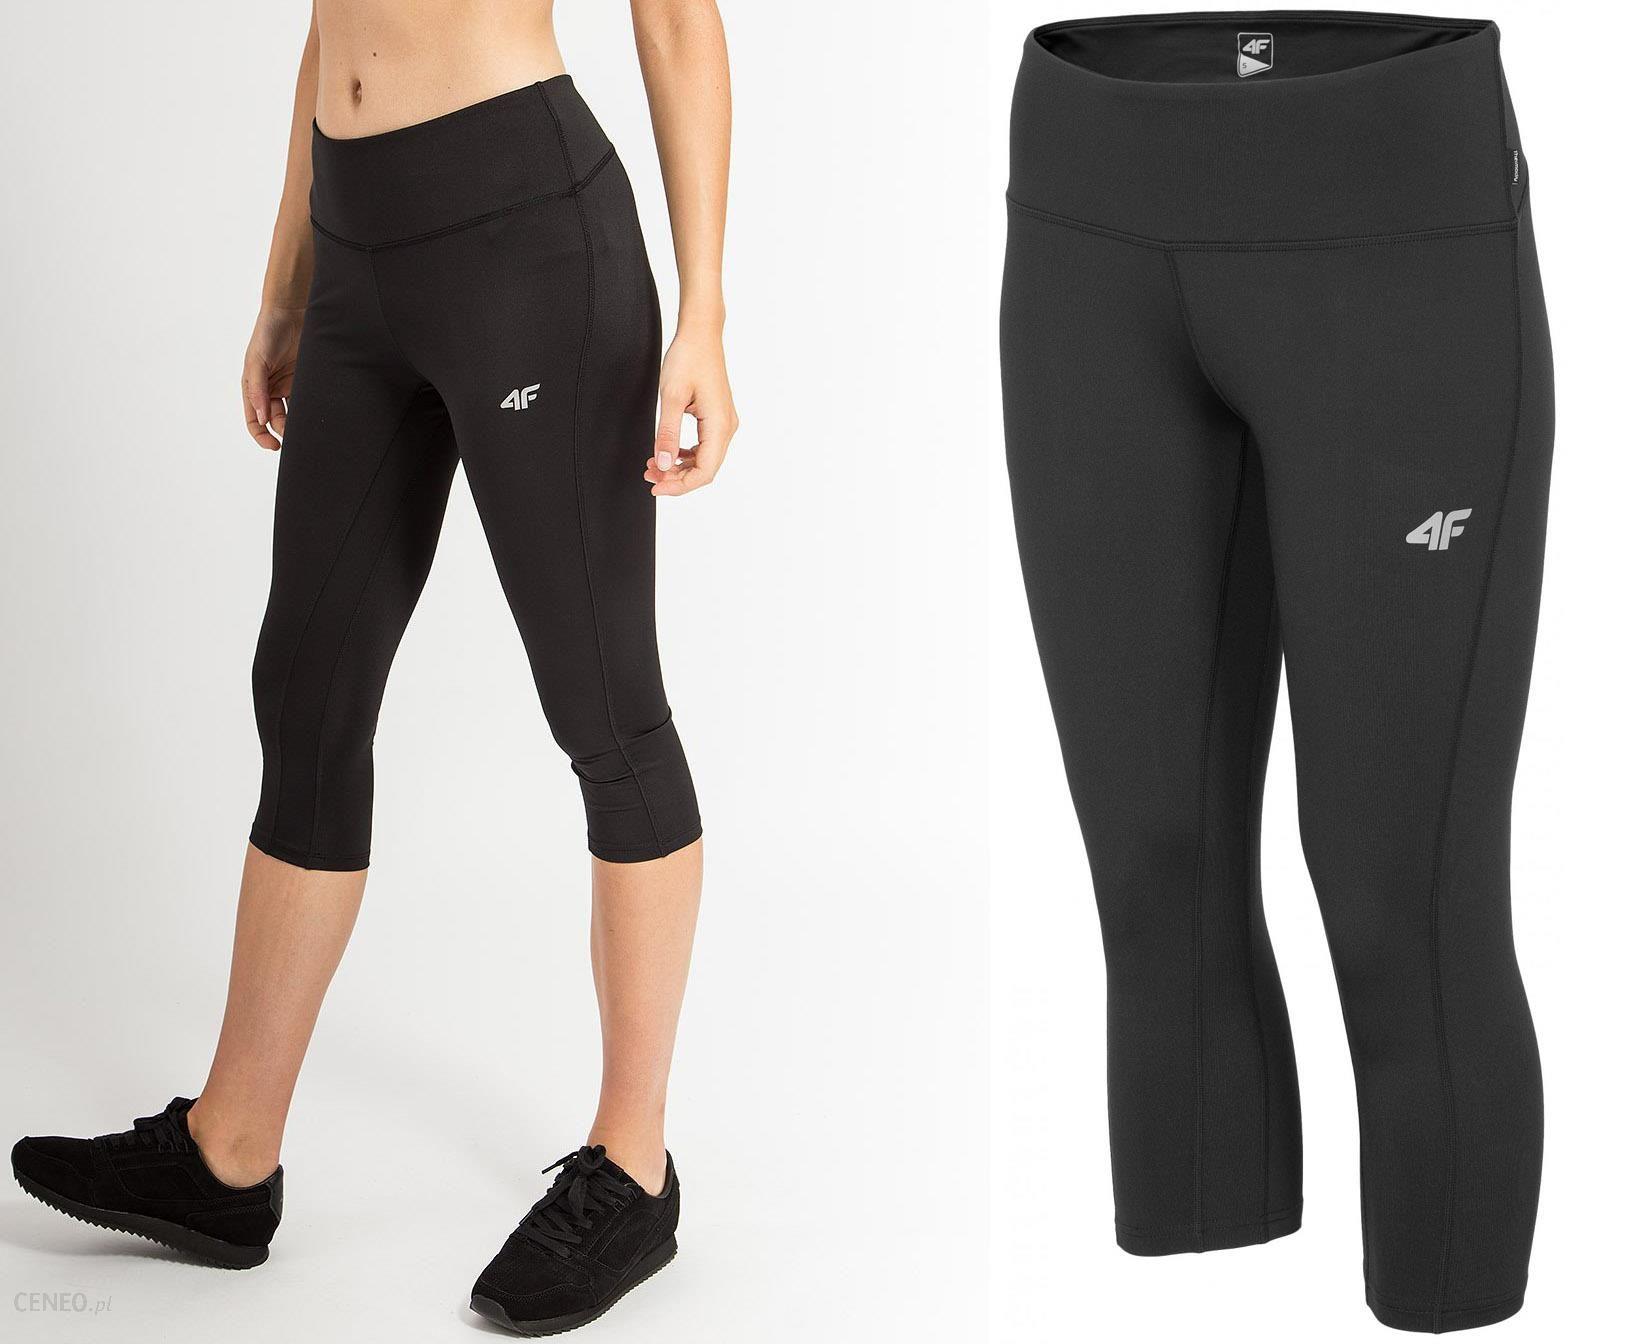 całkiem fajne niesamowite ceny dostępny 4F Legginsy Damskie 3/4 Fitness Jogging 4F SPDF001 - Ceny i opinie -  Ceneo.pl